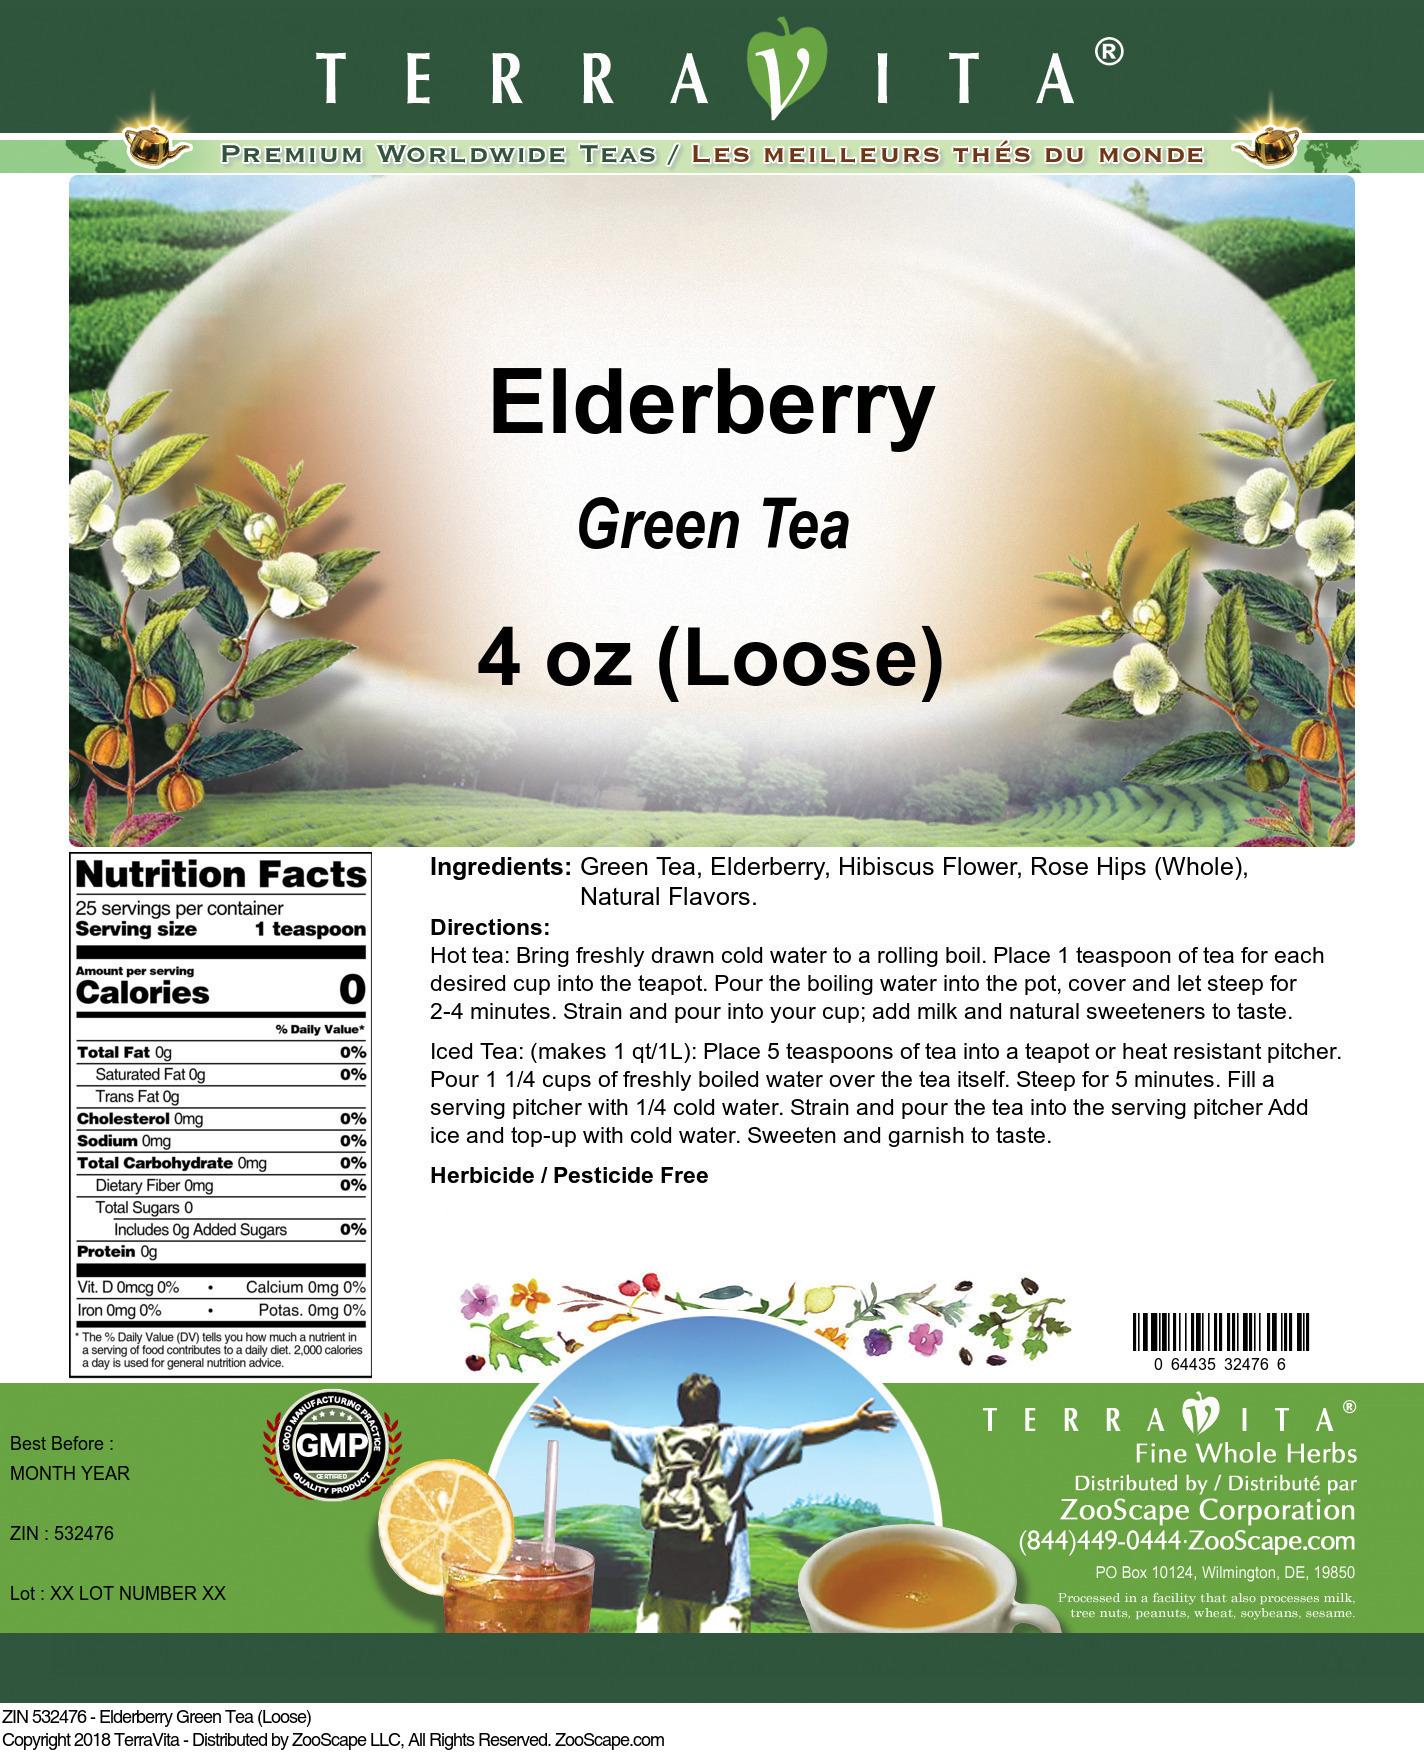 Elderberry Green Tea (Loose)